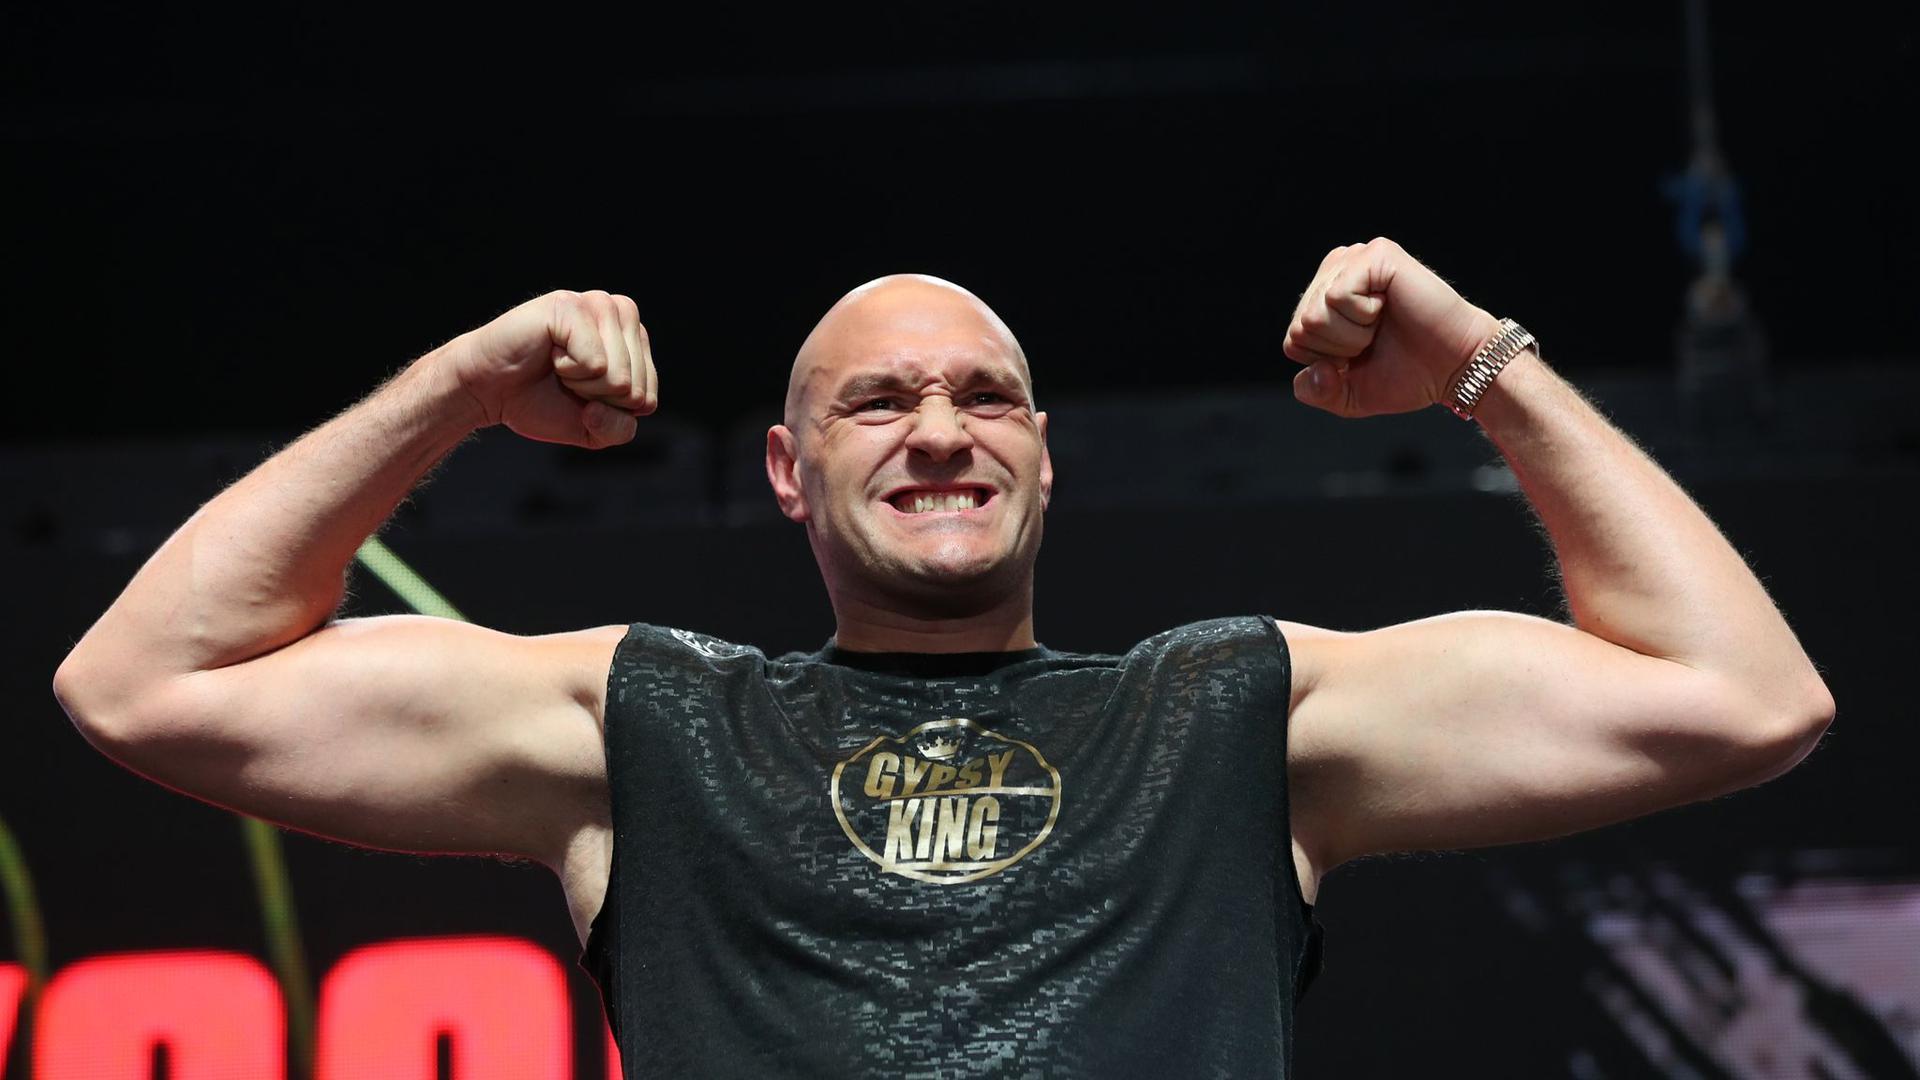 Schwergewichts-Weltmeister Tyson Fury will am 5. Dezember in London seinen nächsten Kampf bestreiten.